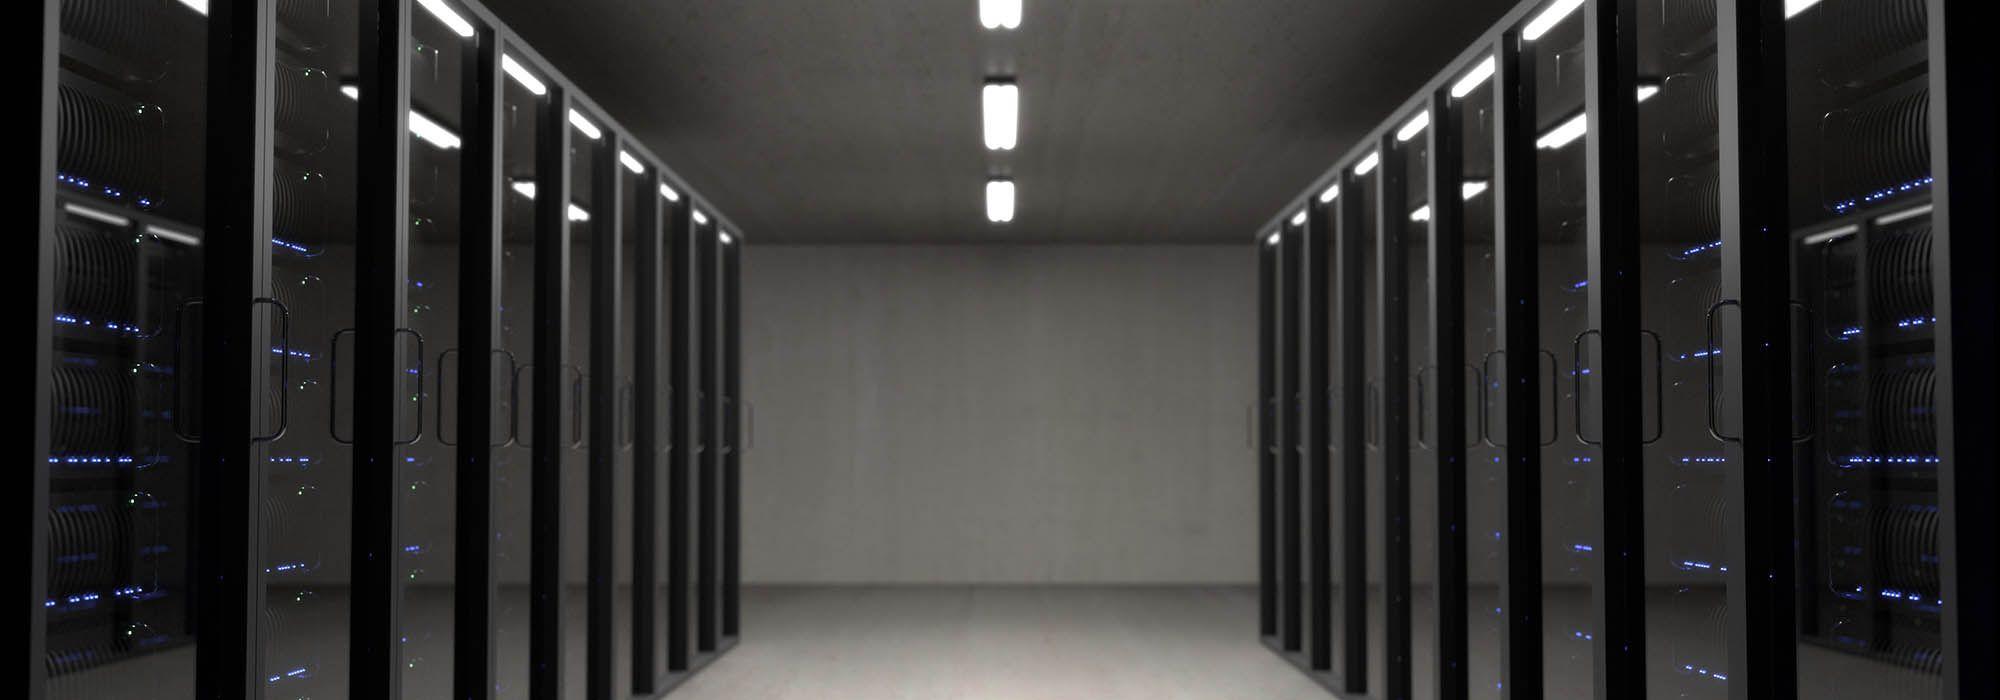 mercado de servidores